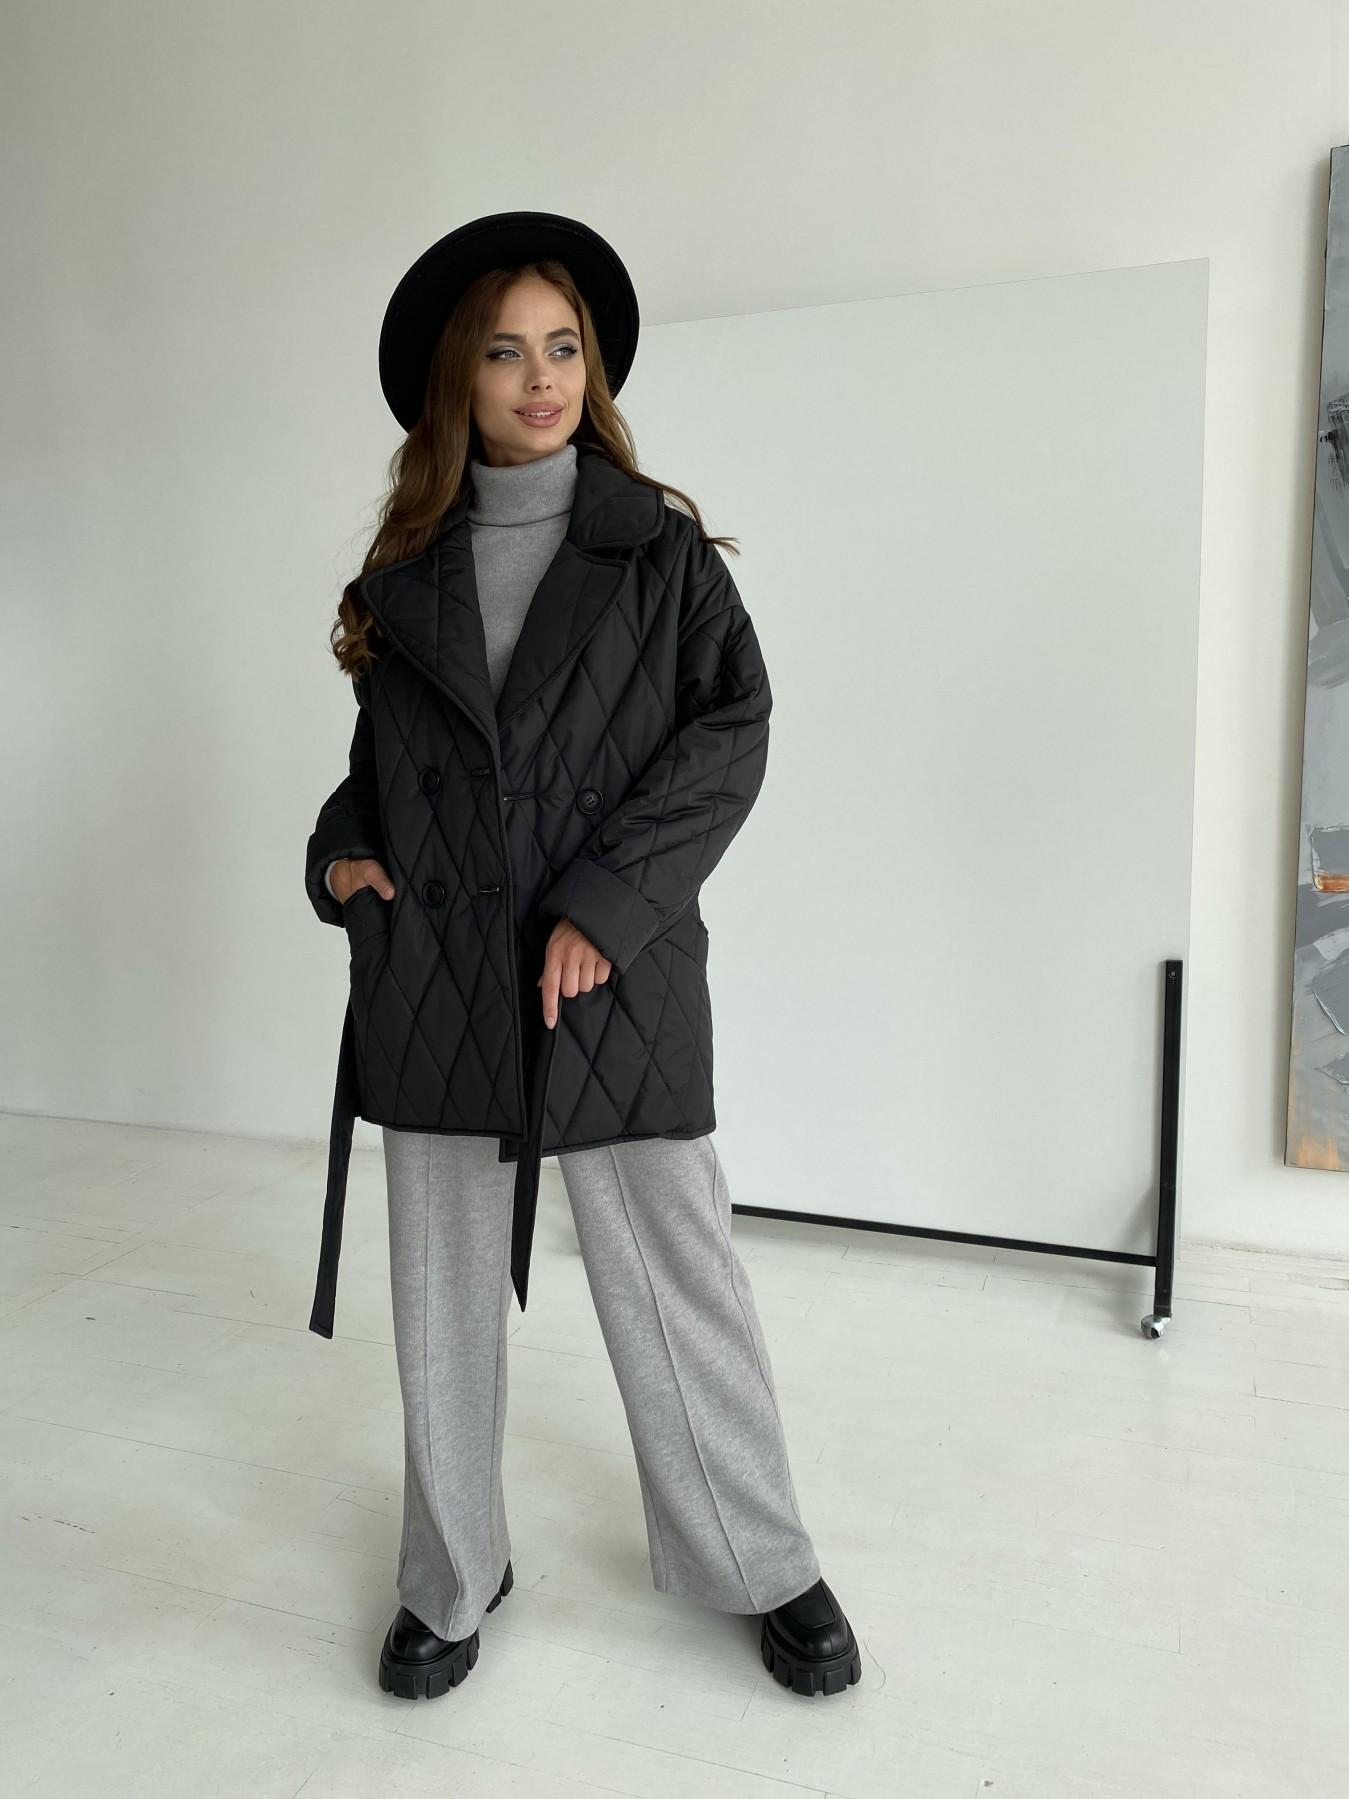 Норд стеганая куртка из плащеки 11770  АРТ. 48512 Цвет: Черный - фото 5, интернет магазин tm-modus.ru